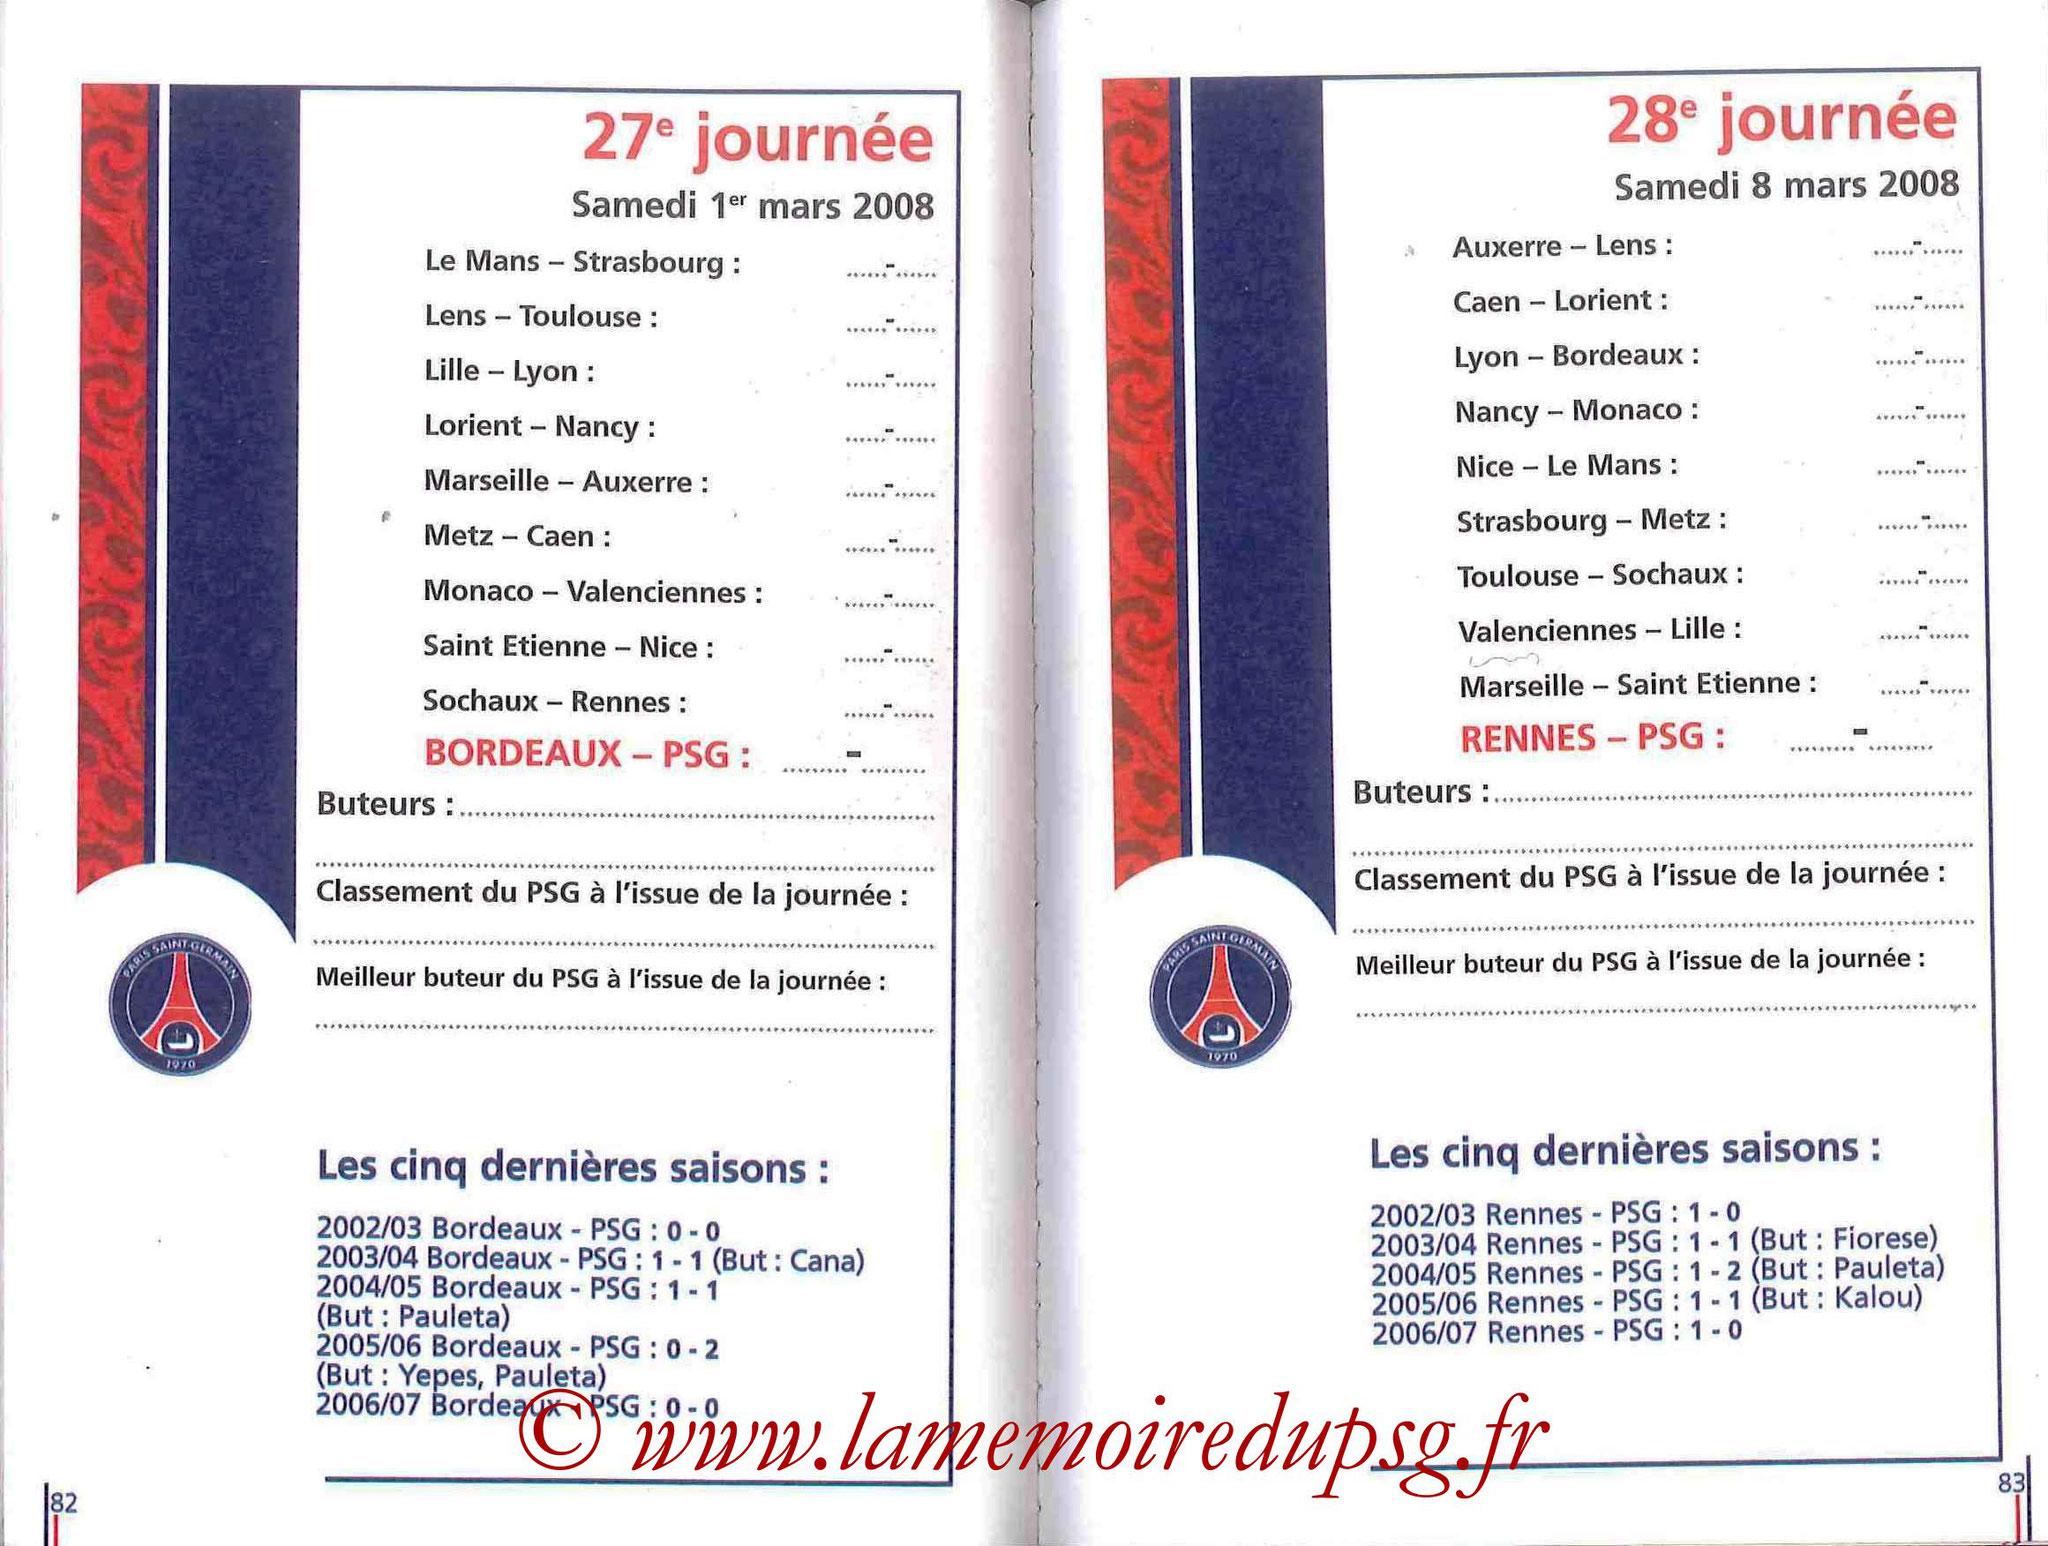 2007-08 - Guide de la Saison PSG - Pages 82 et 83